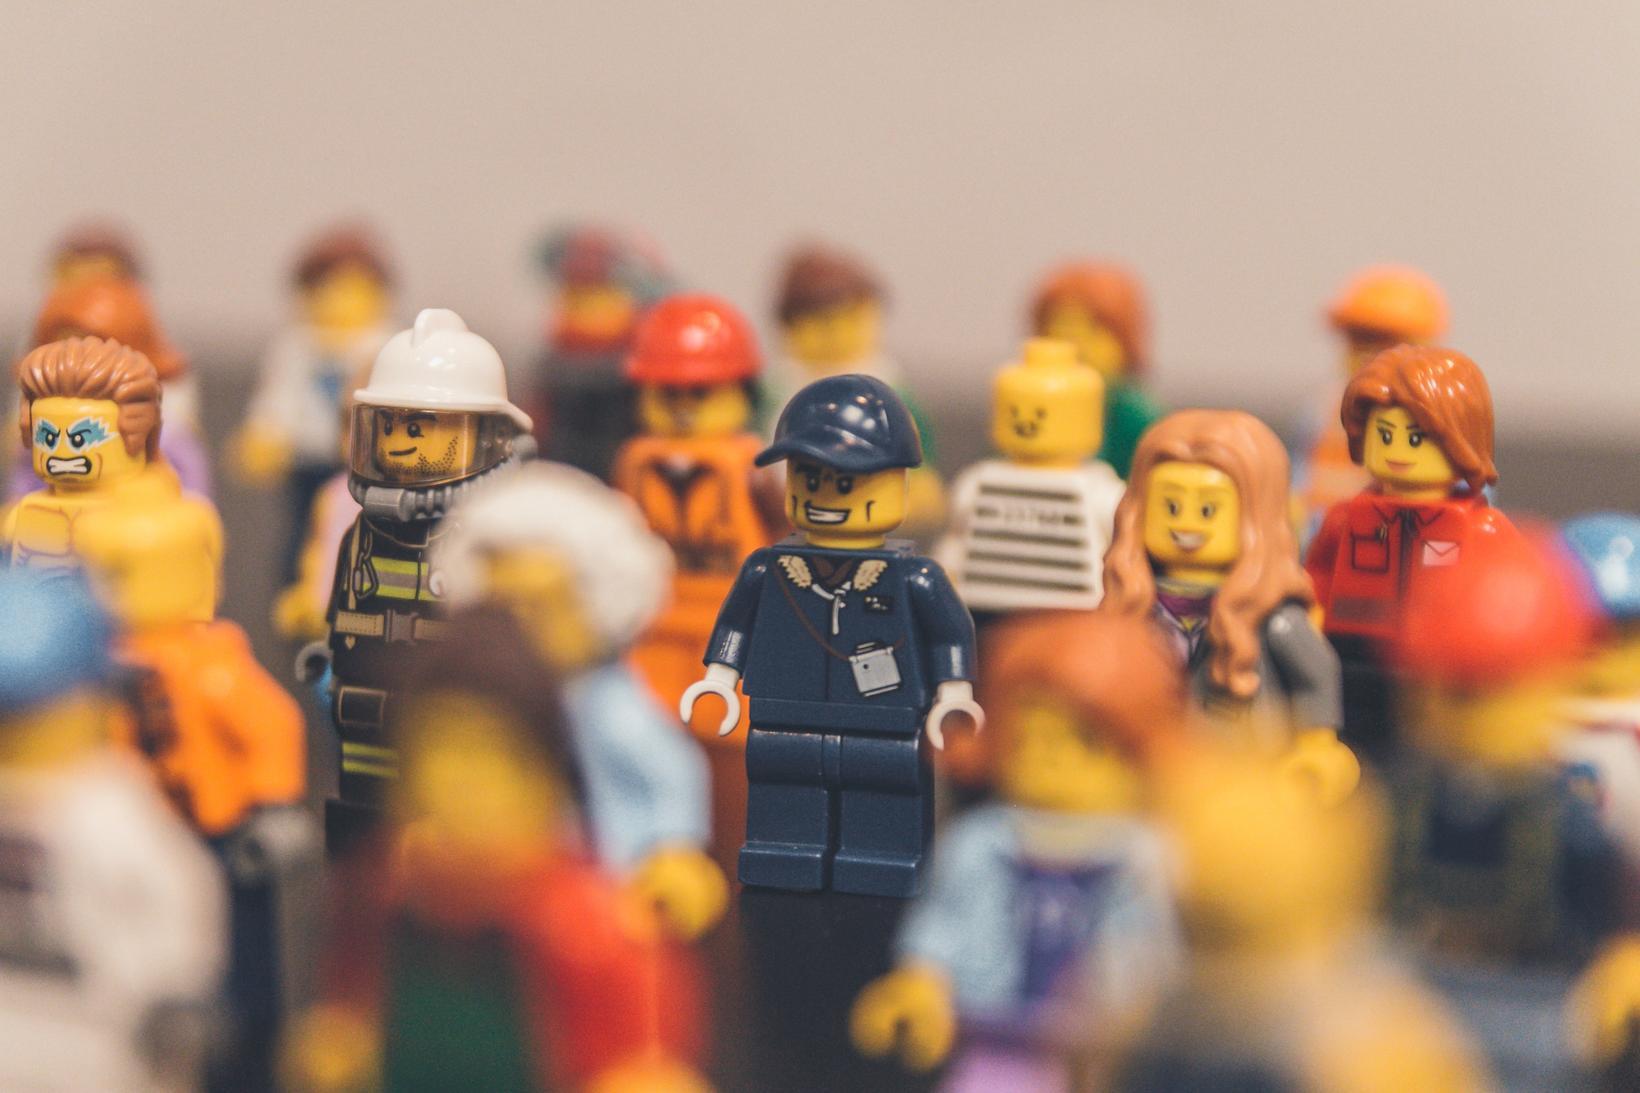 Lego hættir með allar plastumbúðir árið 2021.